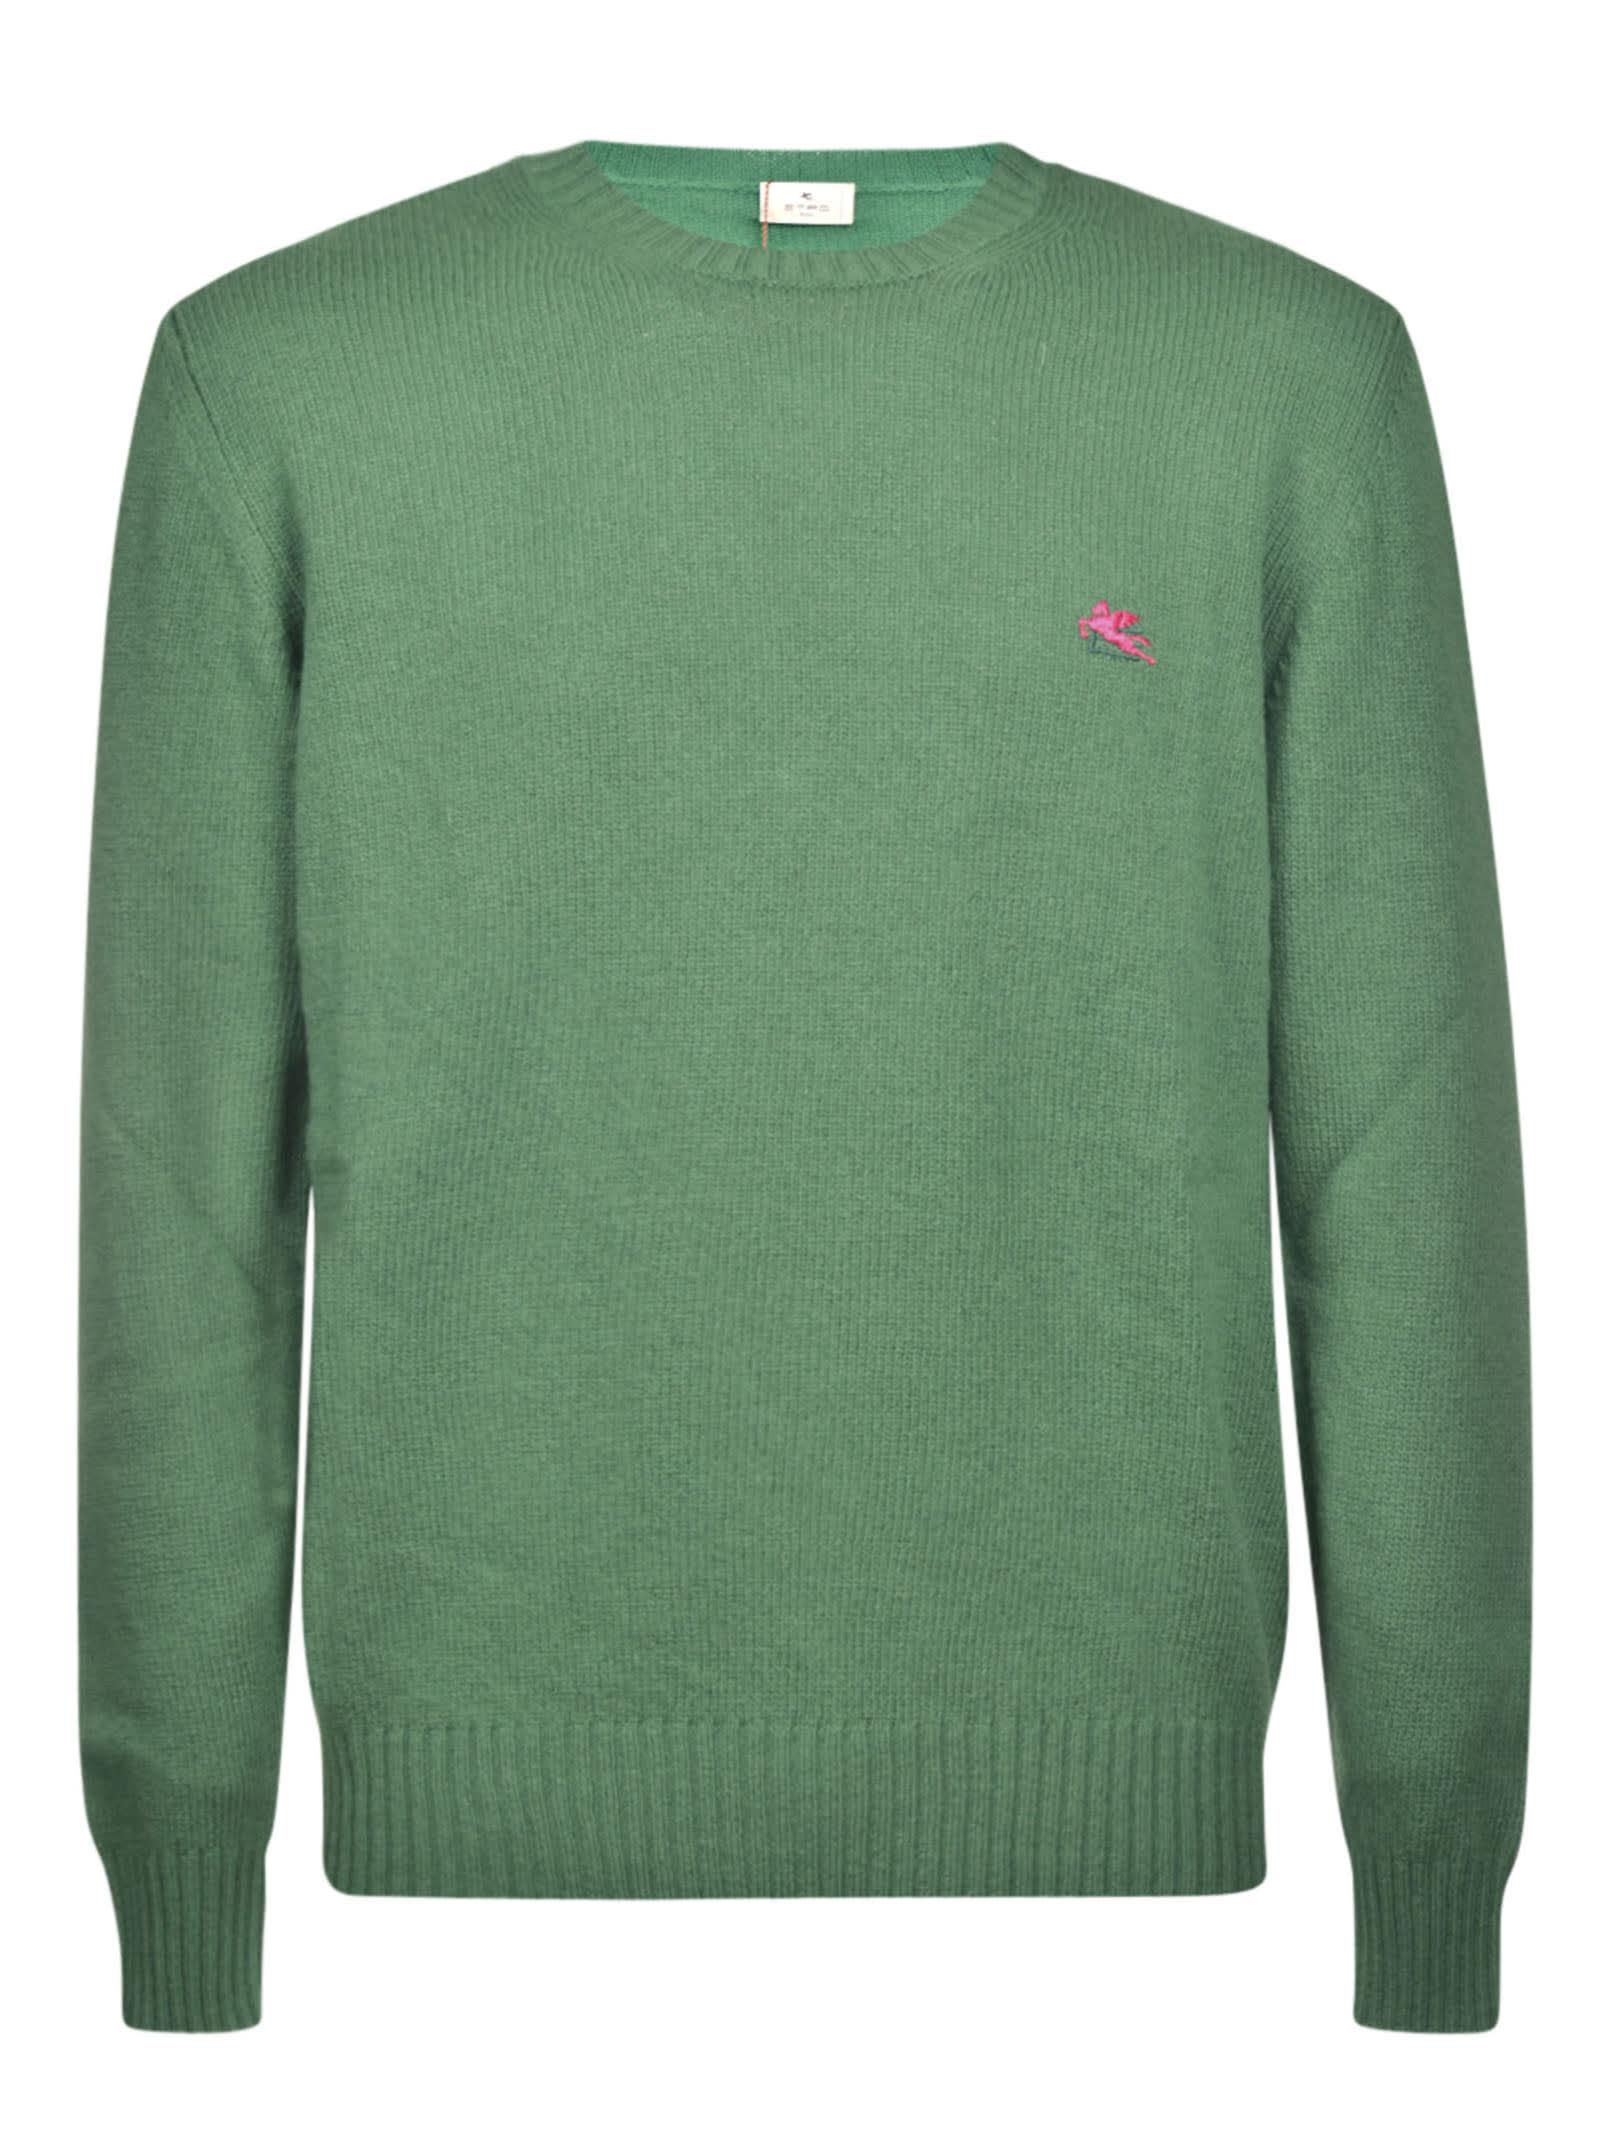 Etro Round Neck Sweater In Light Green